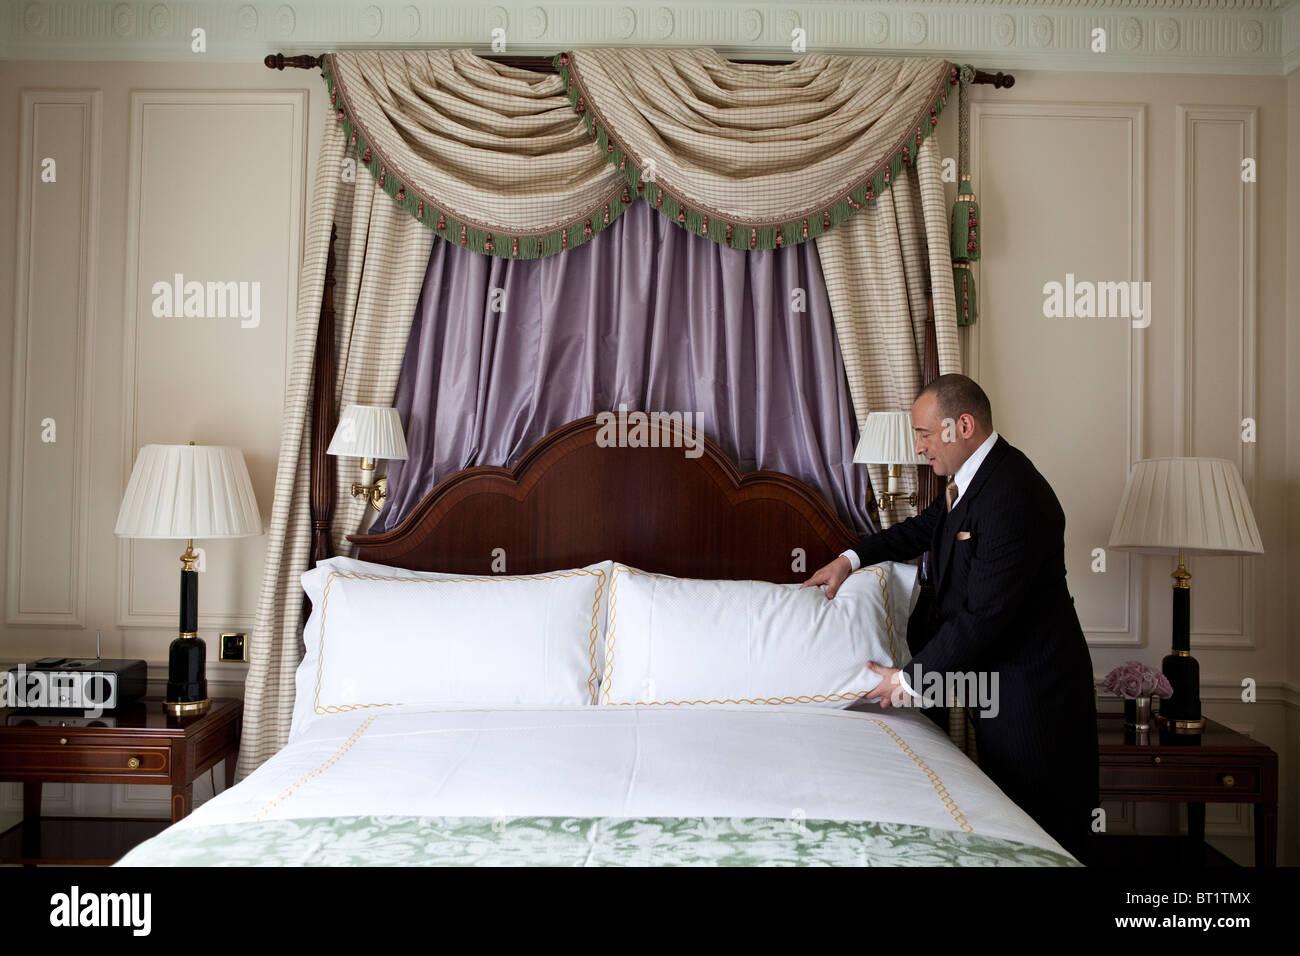 Savoy Hotel in London. Im Oktober 2010 nach einer vollständigen Renovierung wiedereröffnet. Fotos zeigen Stockbild